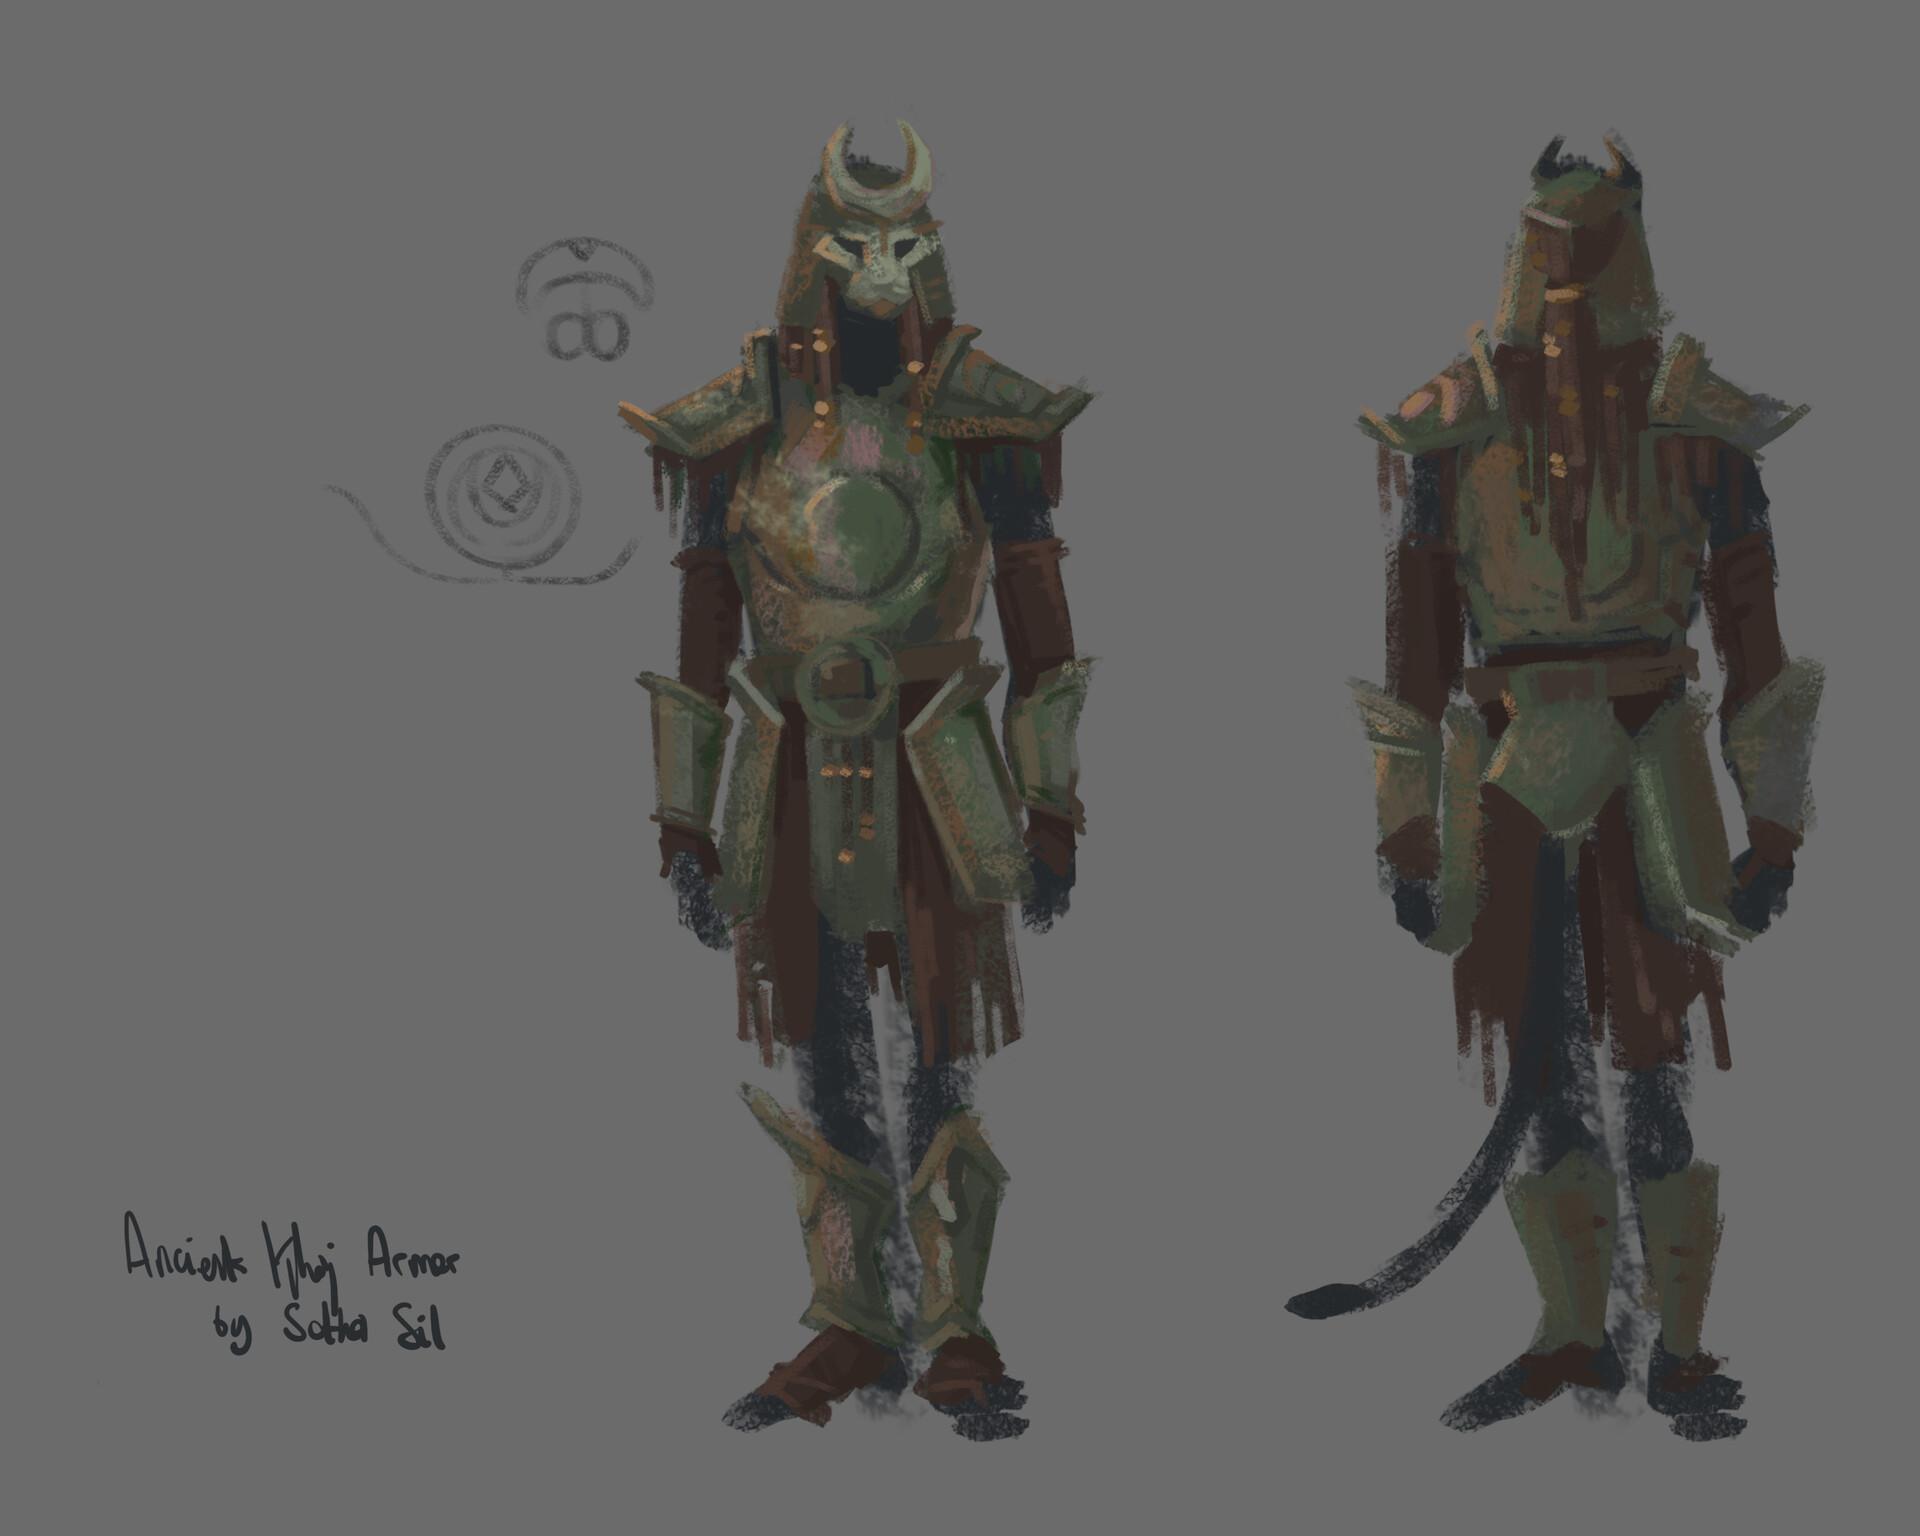 seht-dudych-ancient-war-armor001.jpg?155